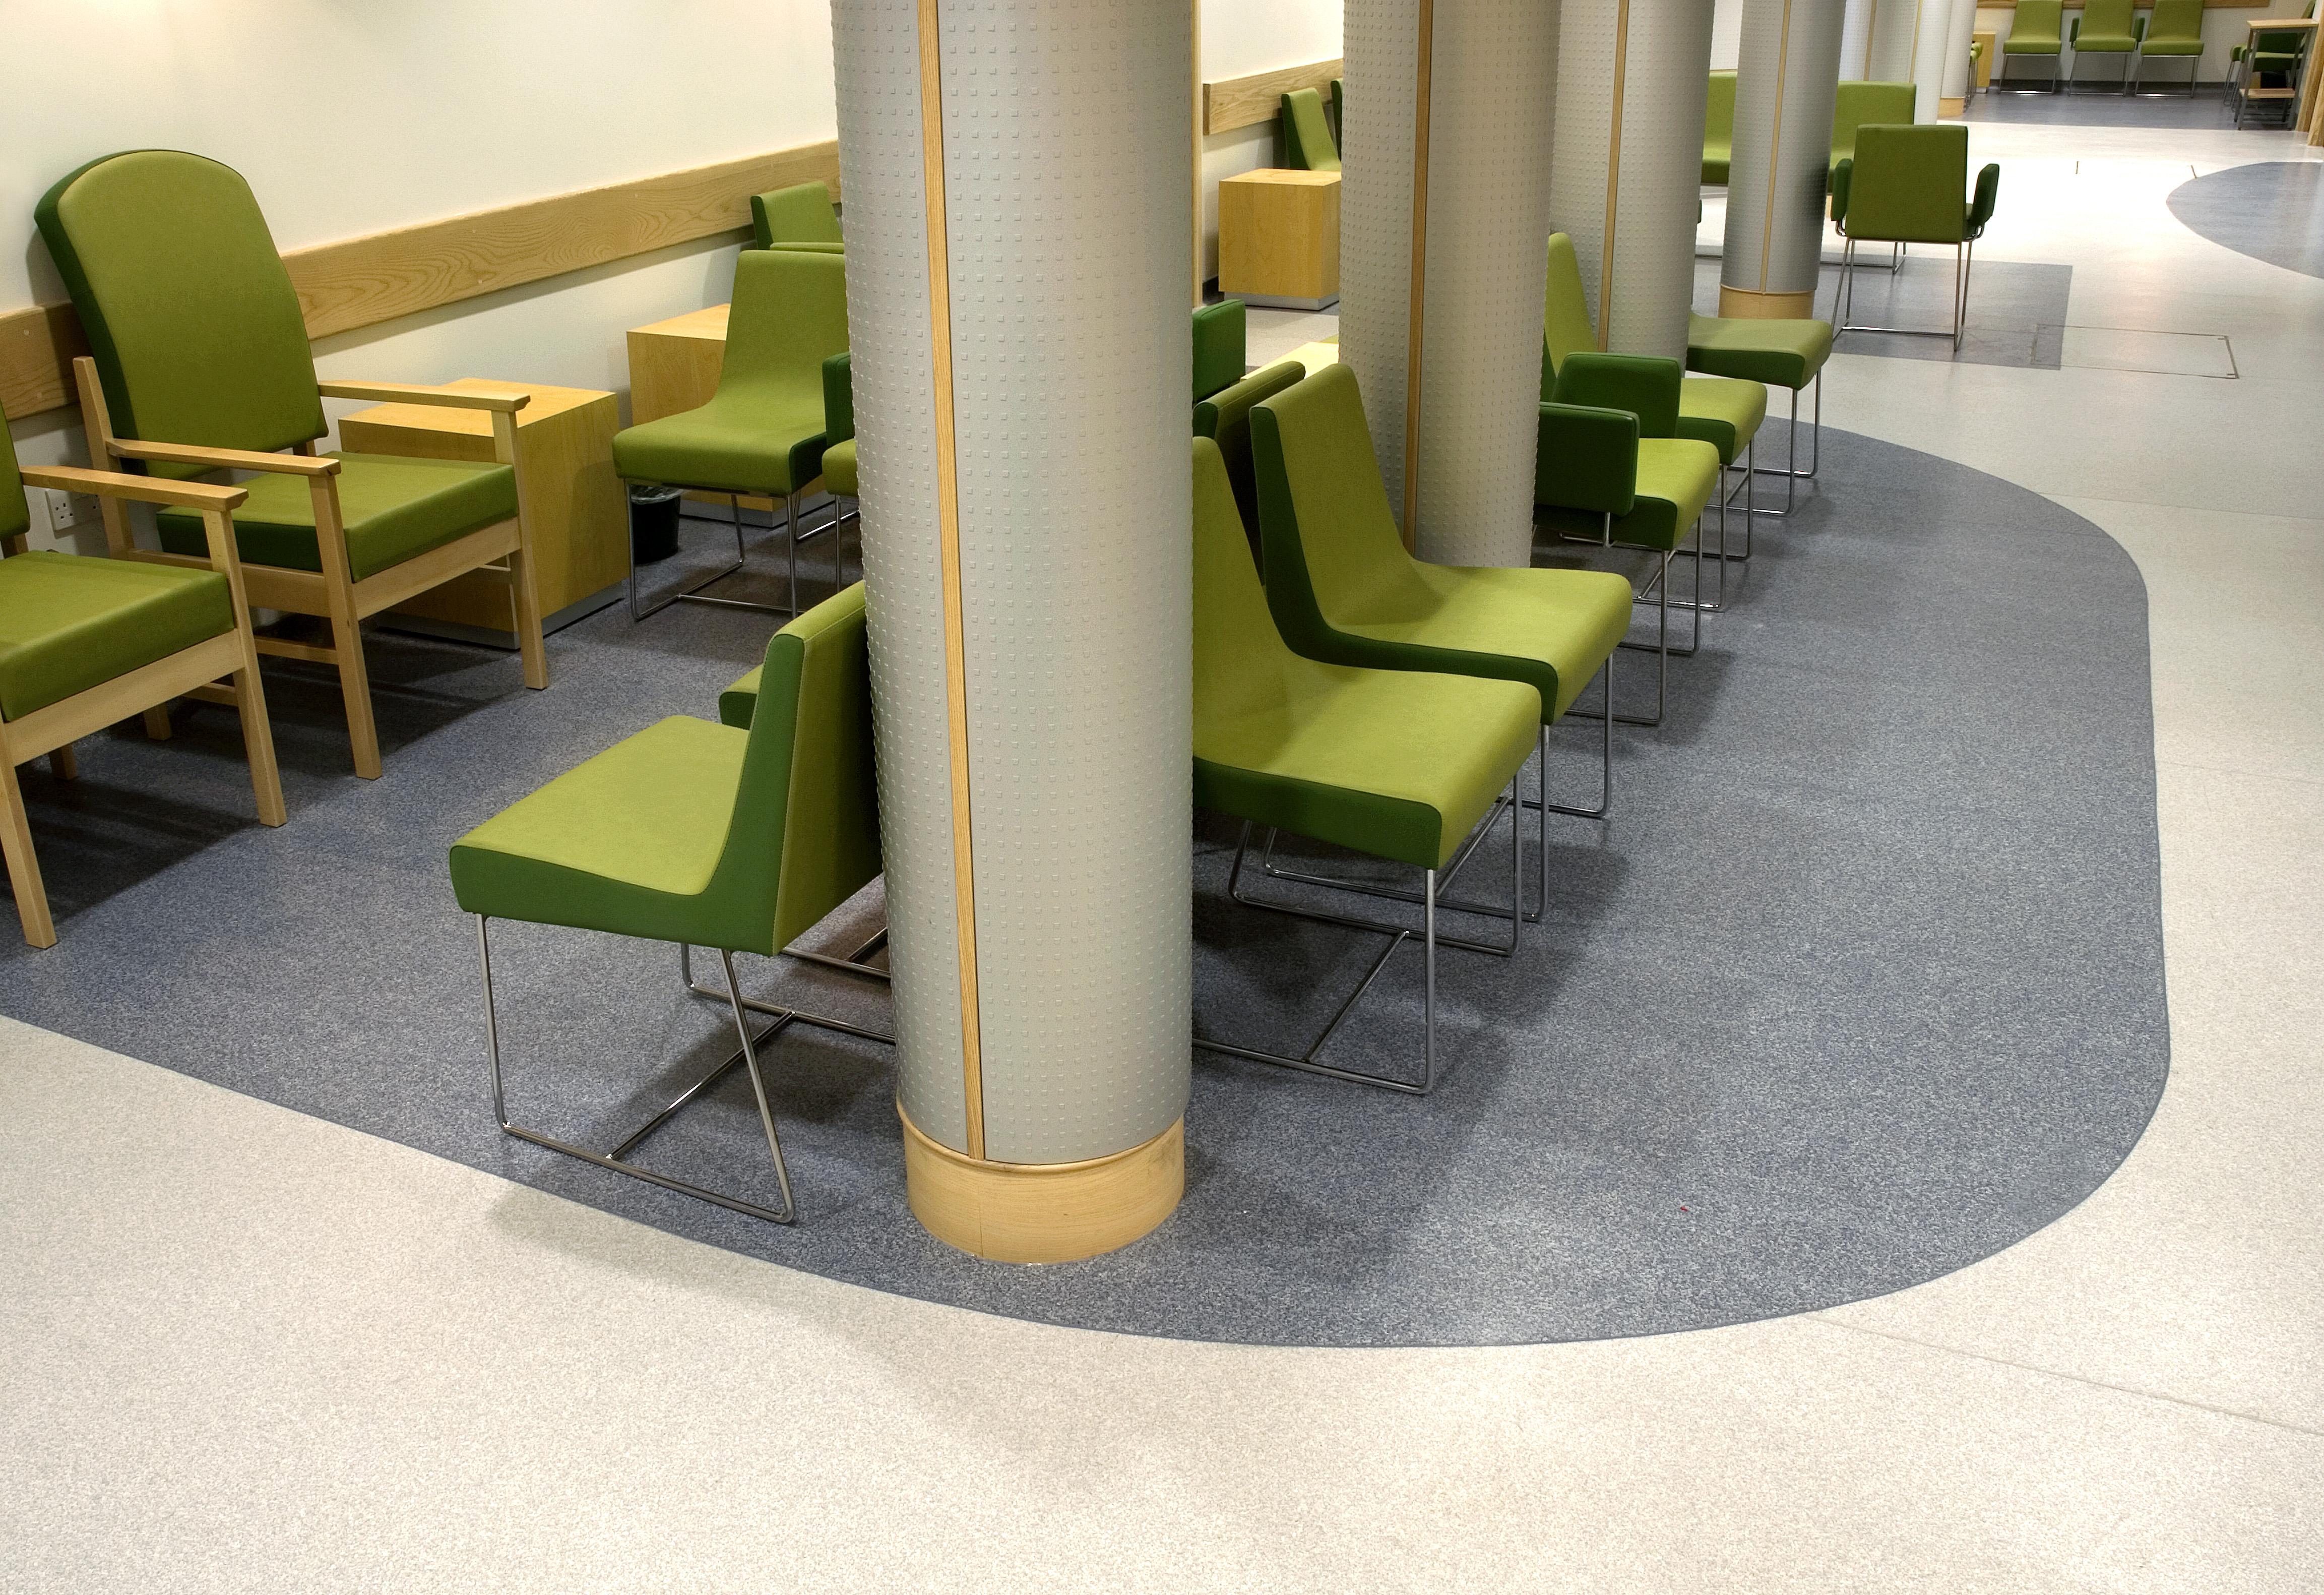 frimley-park-hospital-sept-09-0117